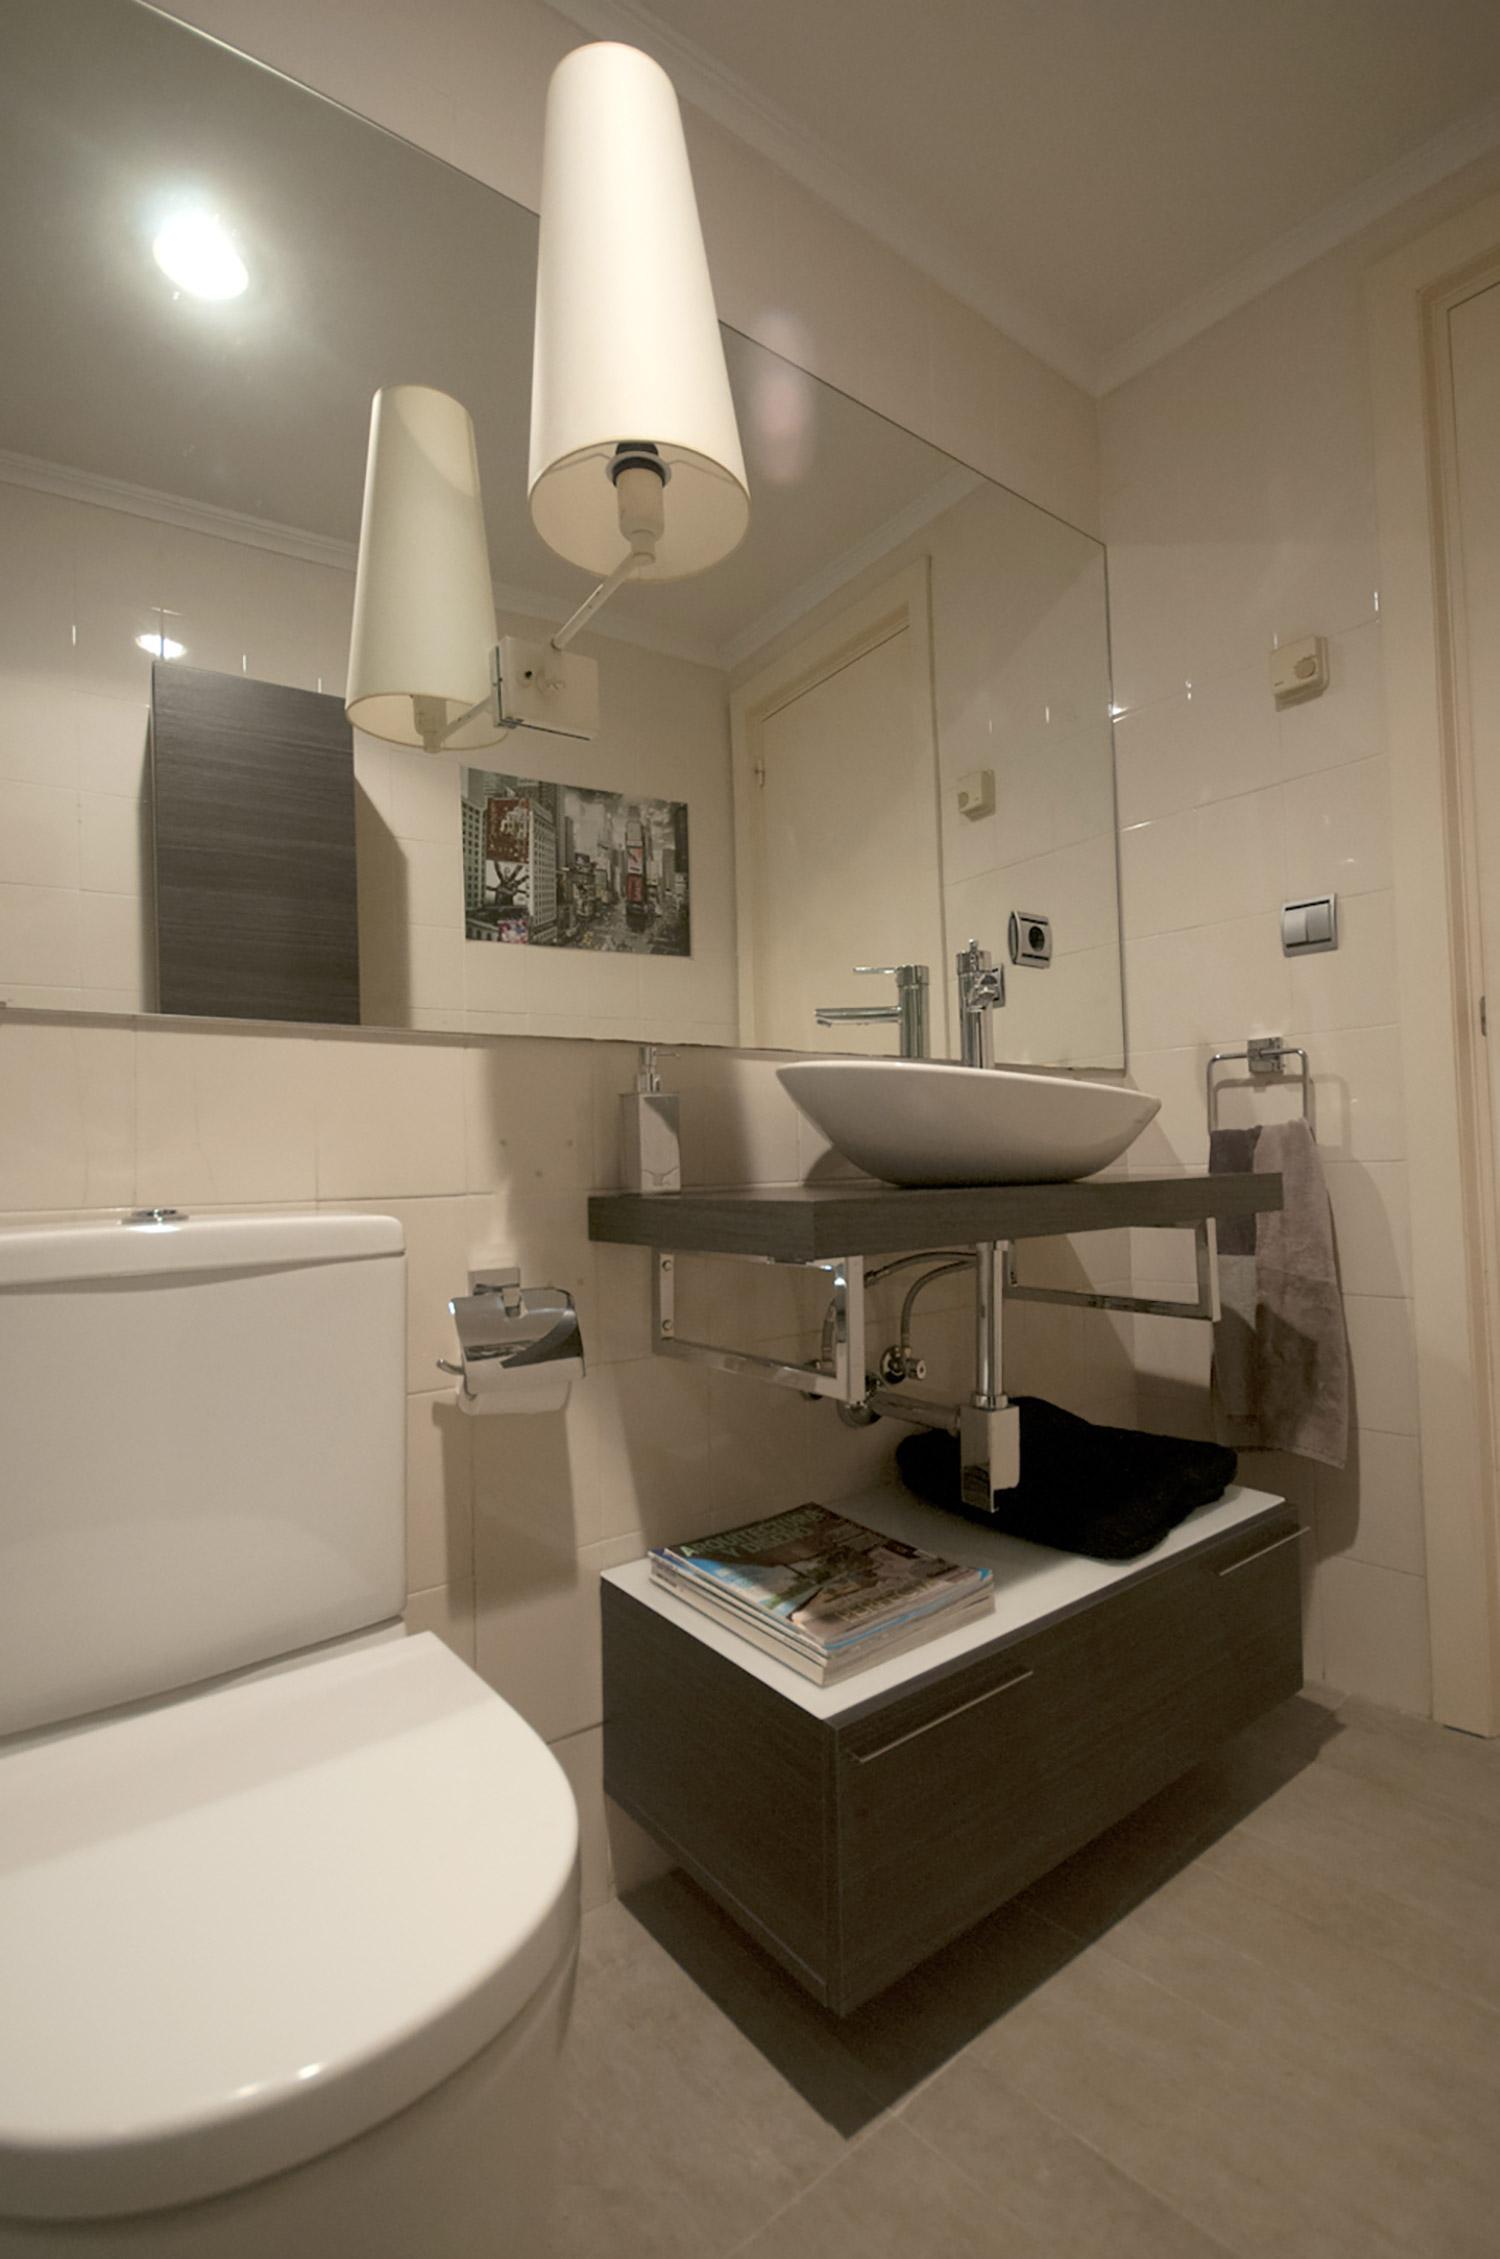 Antes y despu s de cambios de ba era por ducha duchaya De banera a ducha